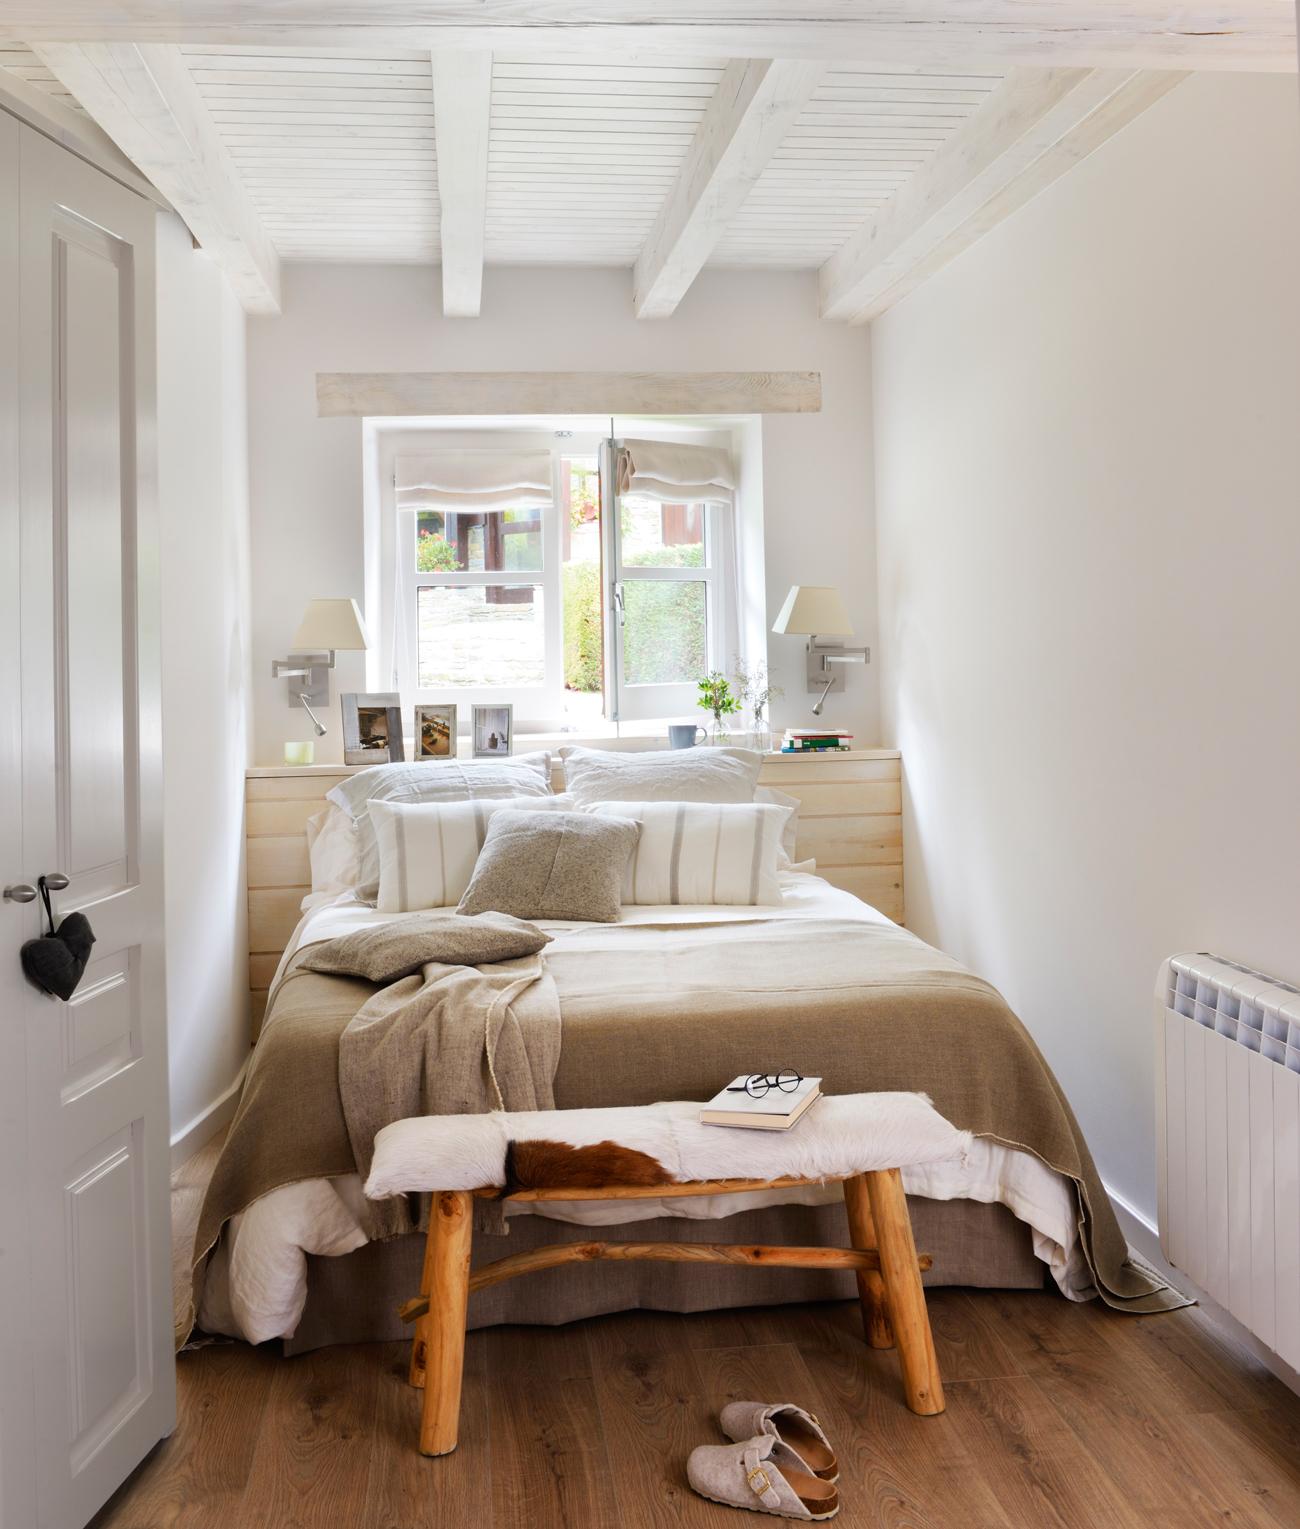 Dormitorio pequeño rústico en blanco con cabecero a medida 00417824